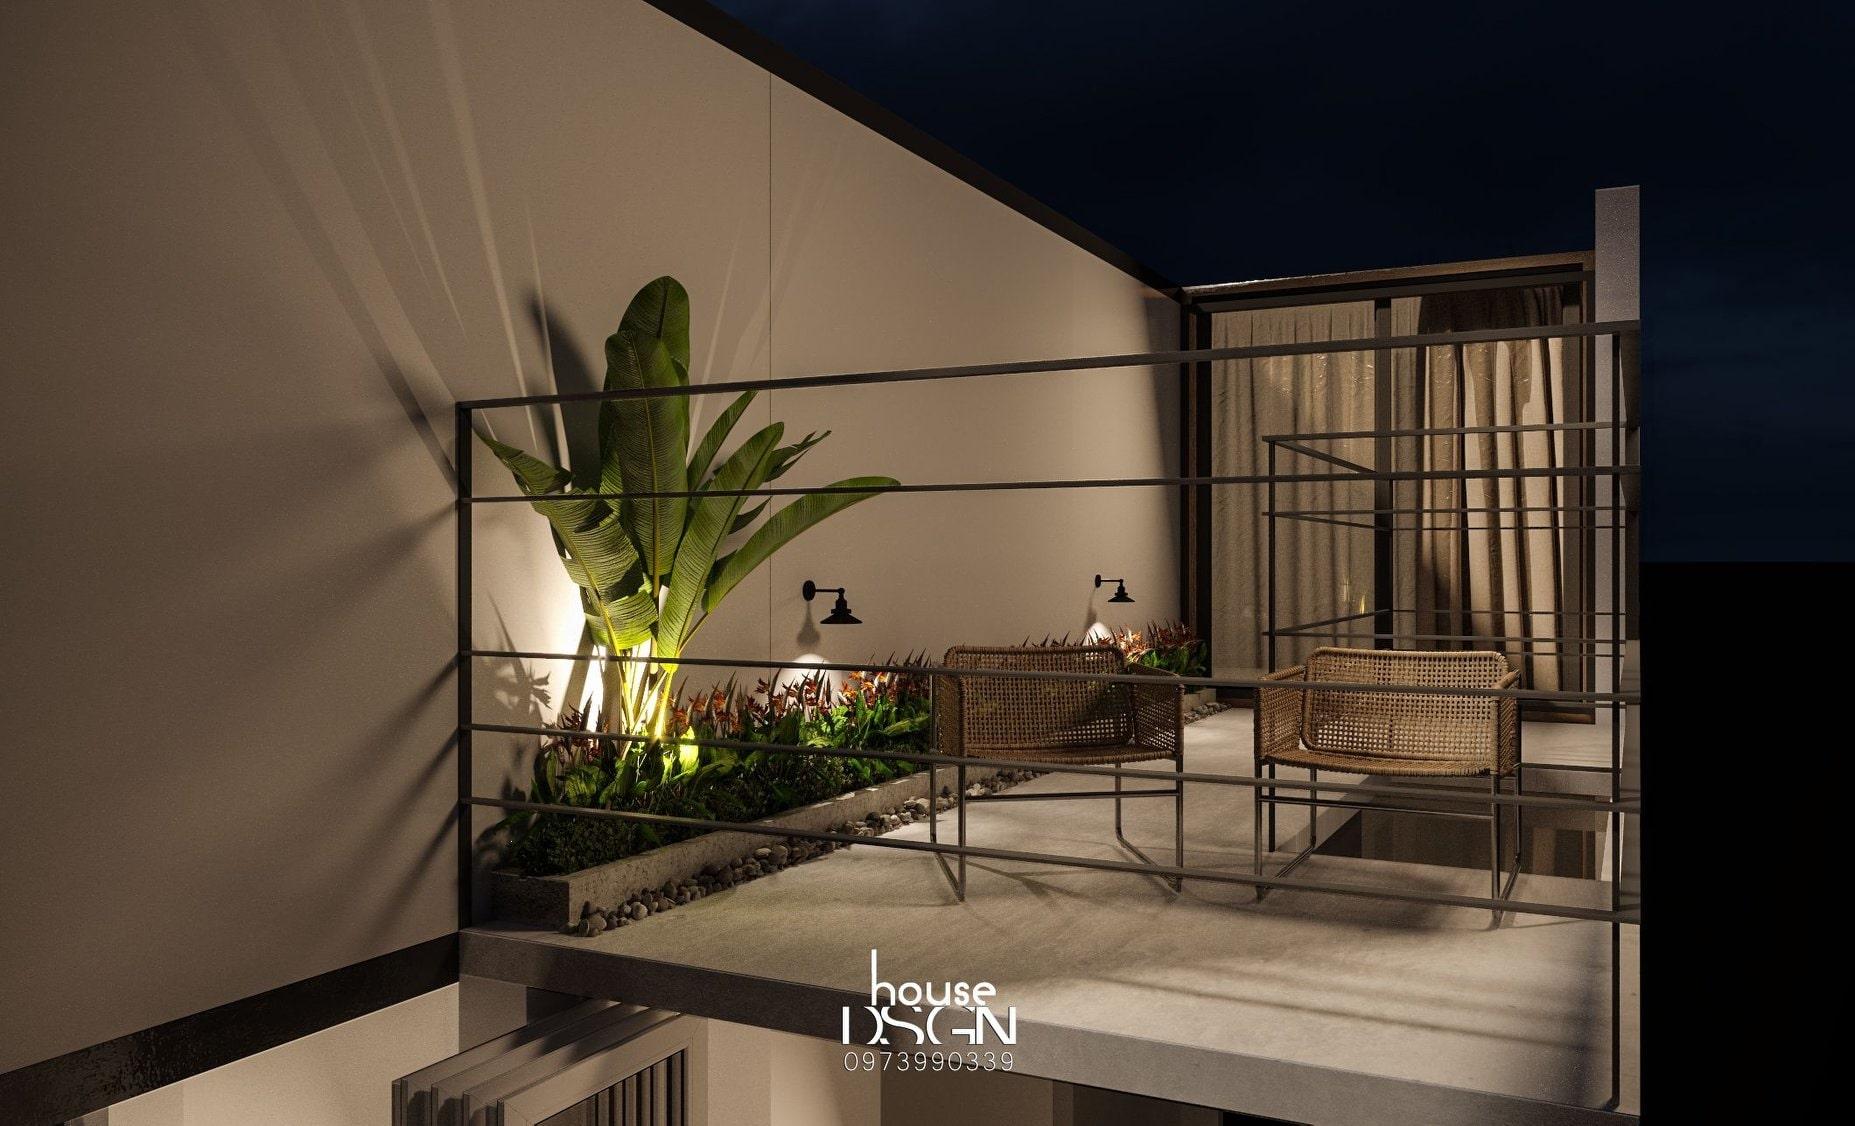 các mẫu phong cách thiết kế nội thất biệt thự đẹp